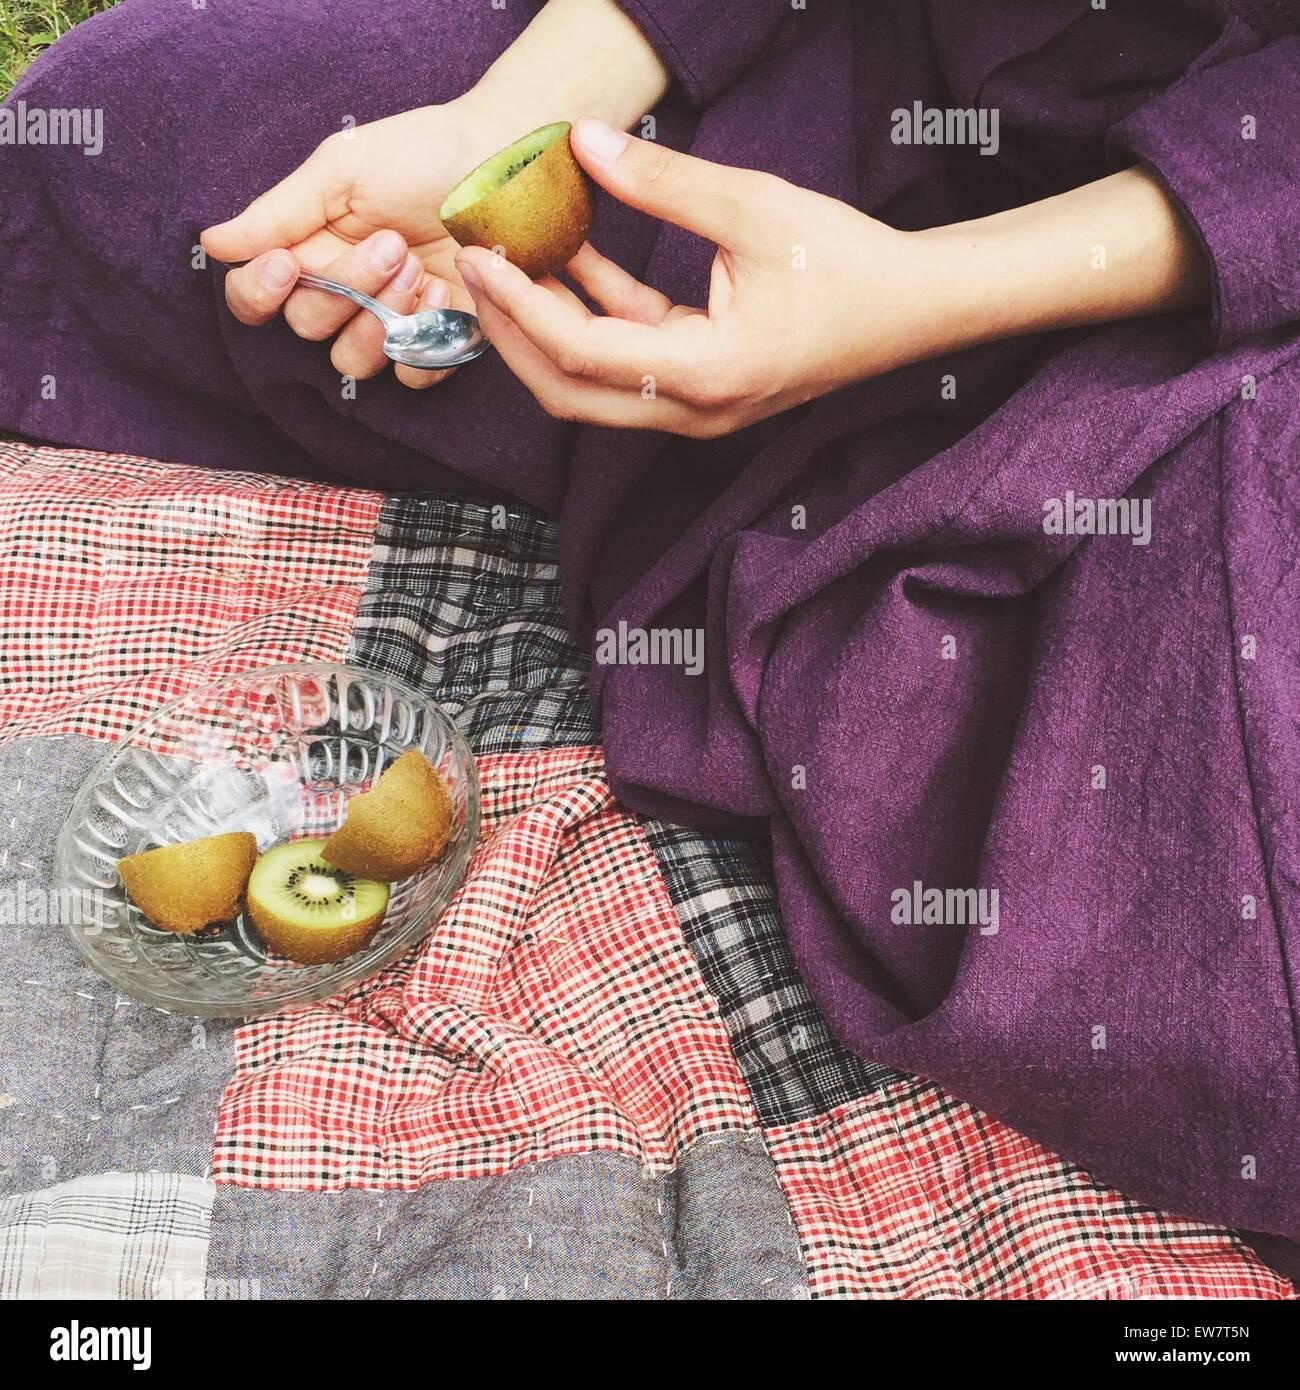 Nahaufnahme einer Frau eine Kiwi essen Stockbild